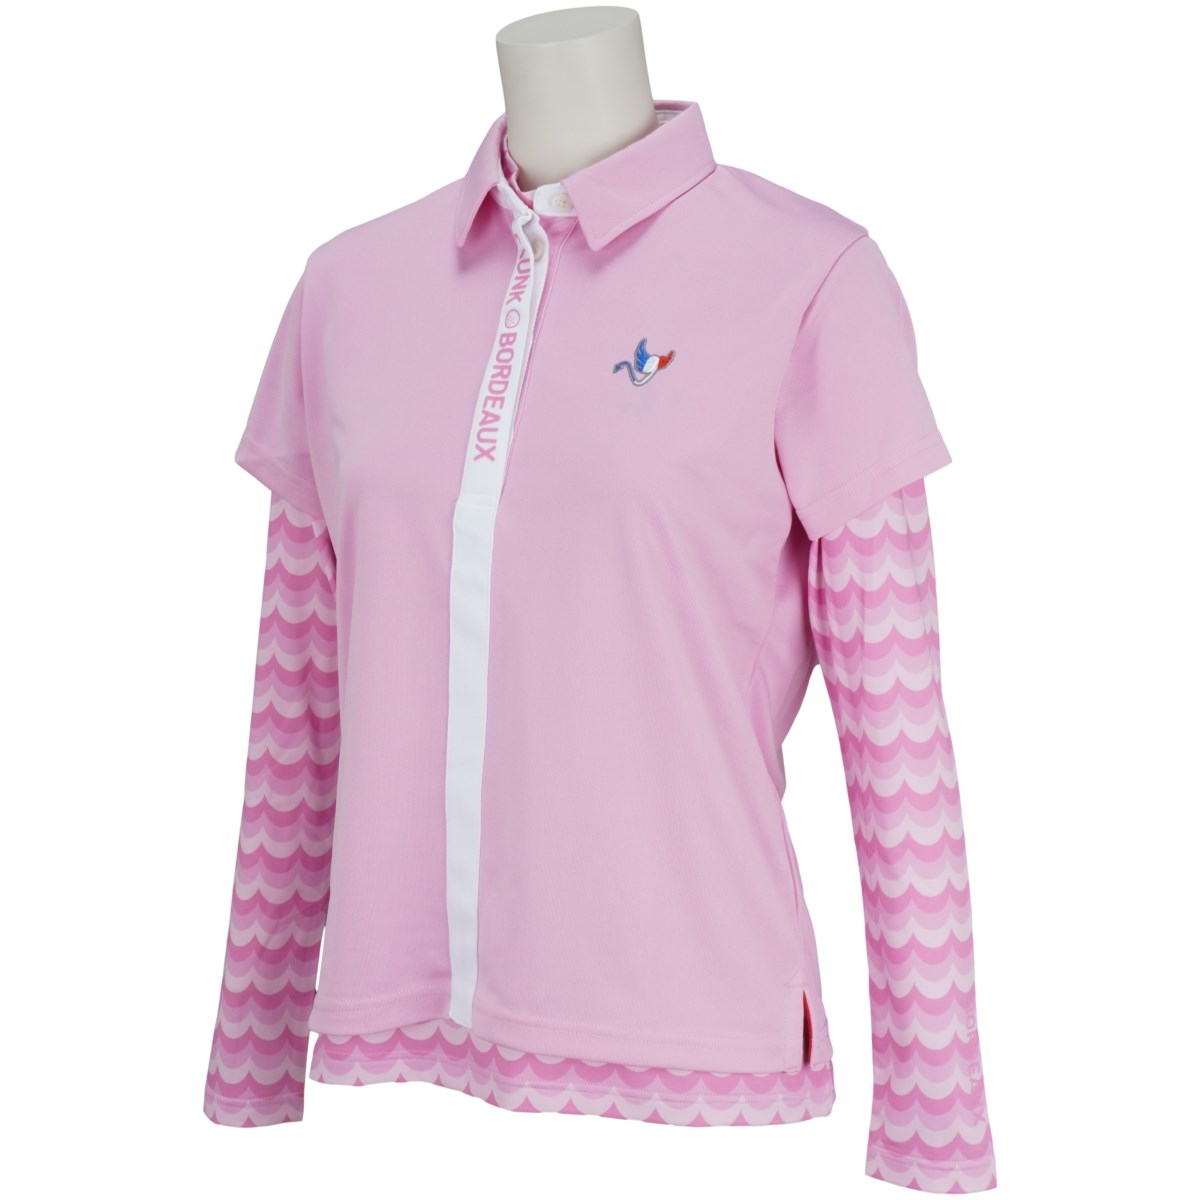 クランク Clunk インナー付き半袖ポロシャツ S ピンク レディス